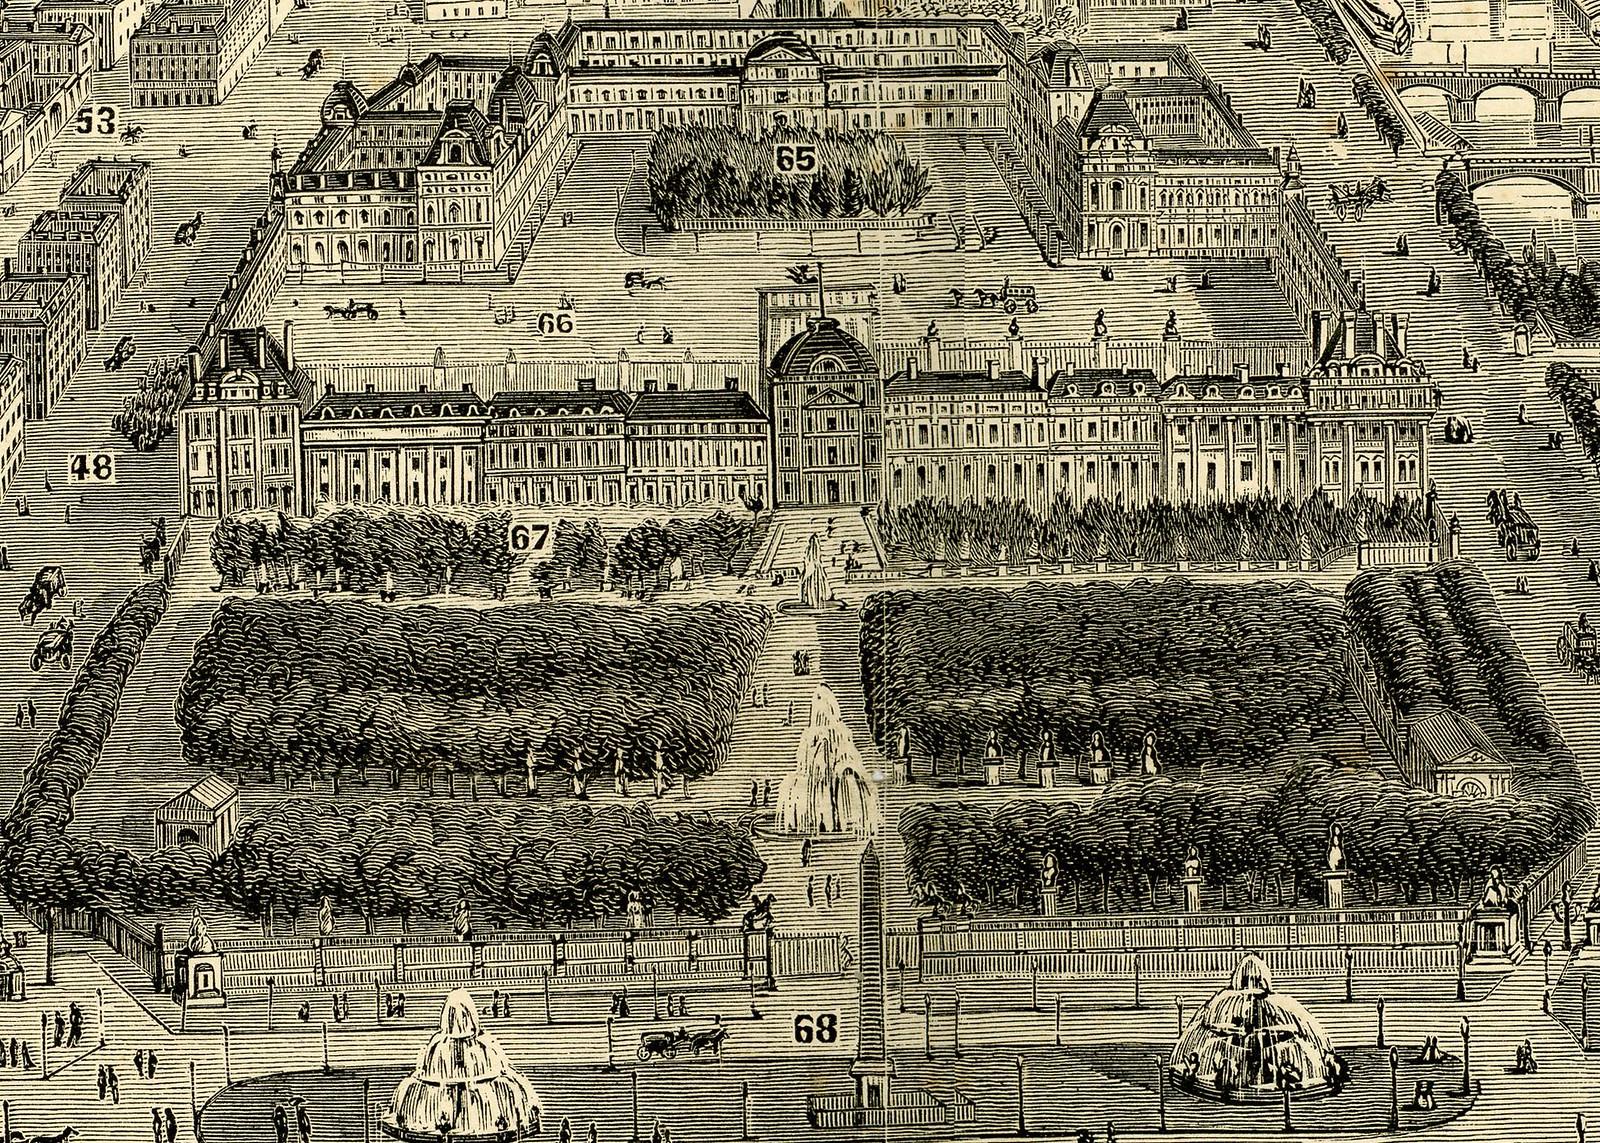 City of Paris - Louvre Crop